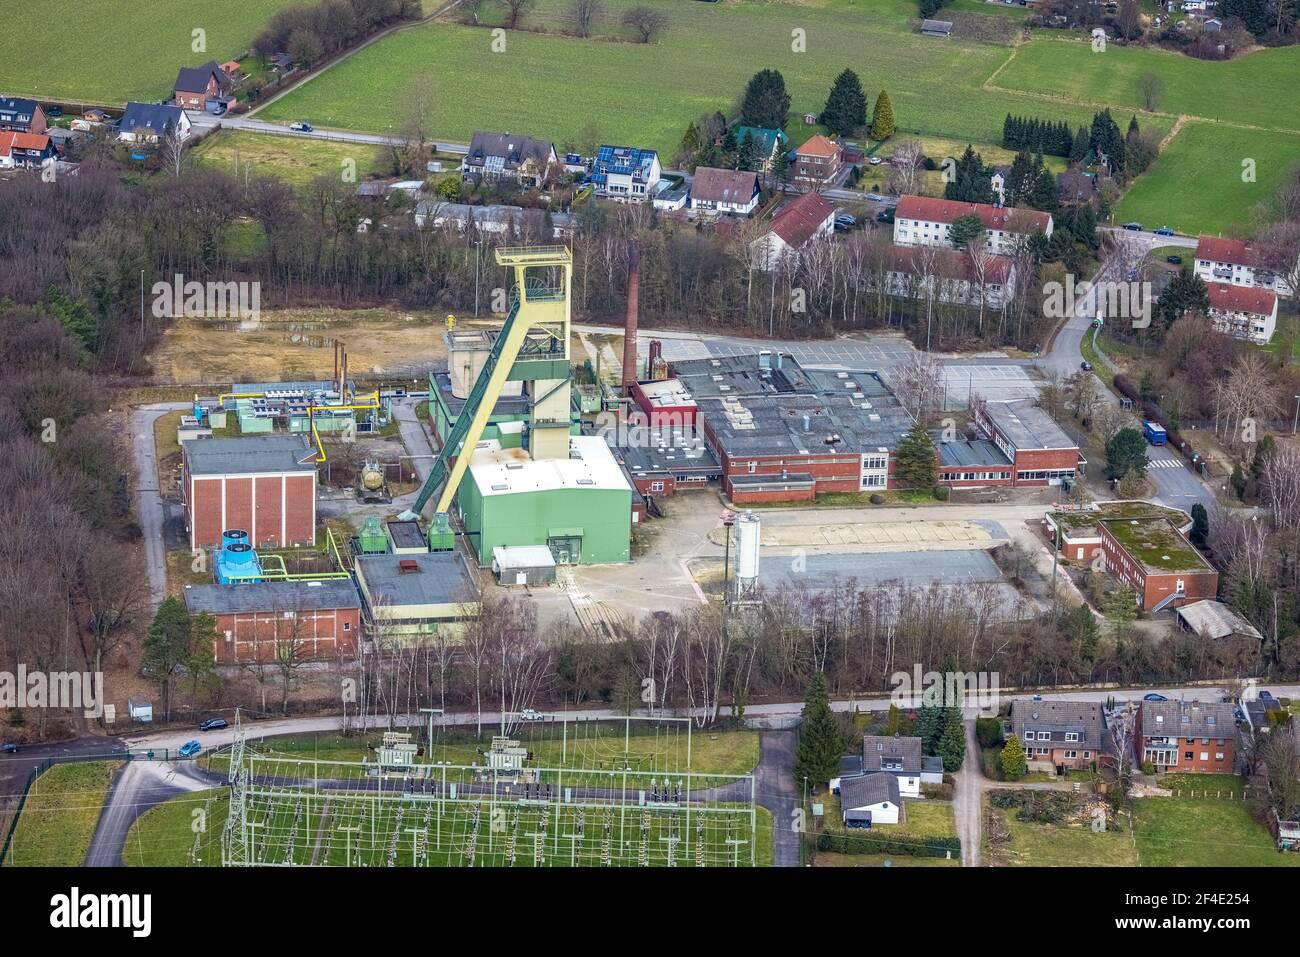 Luftaufnahme, ehemalige Prosper IV Schacht 9, Bottrop-Kirchhellen, Ruhrgebiet, Nordrhein-Westfalen, Deutschland, Mine, DE, Europa, Fernaldstraße, windi Stockfoto